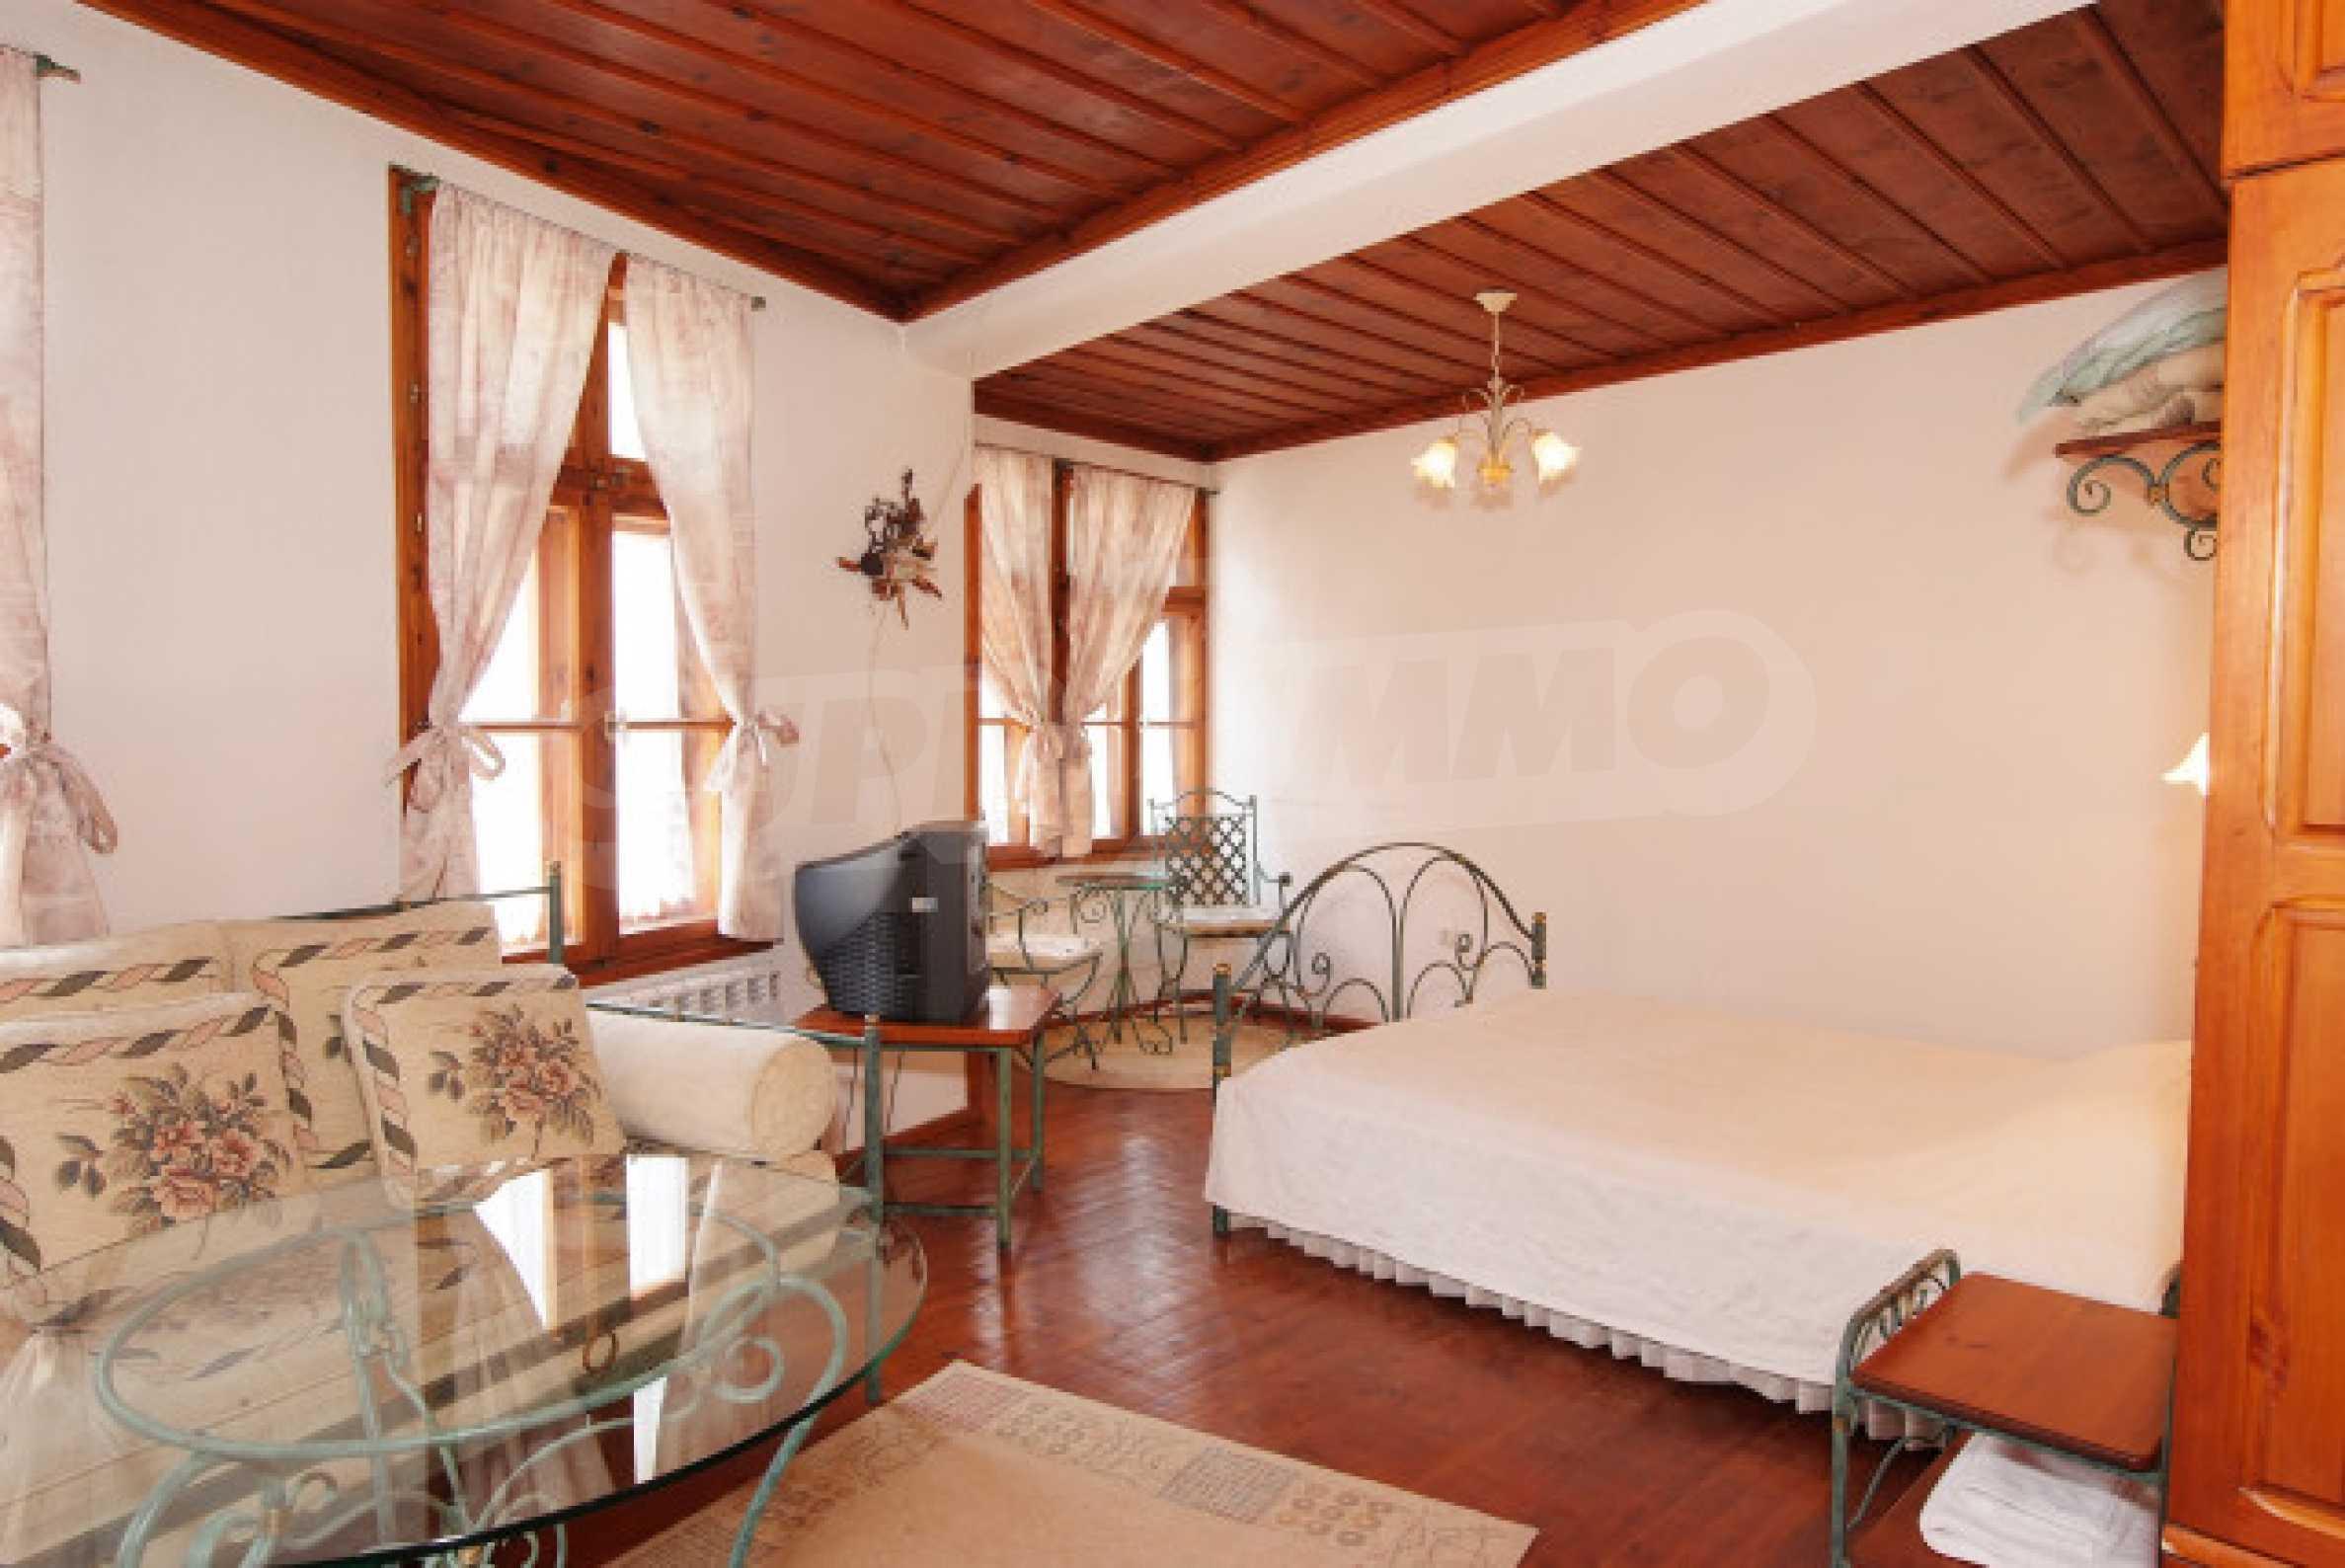 Семеен хотел в центъра на град Мелник 10